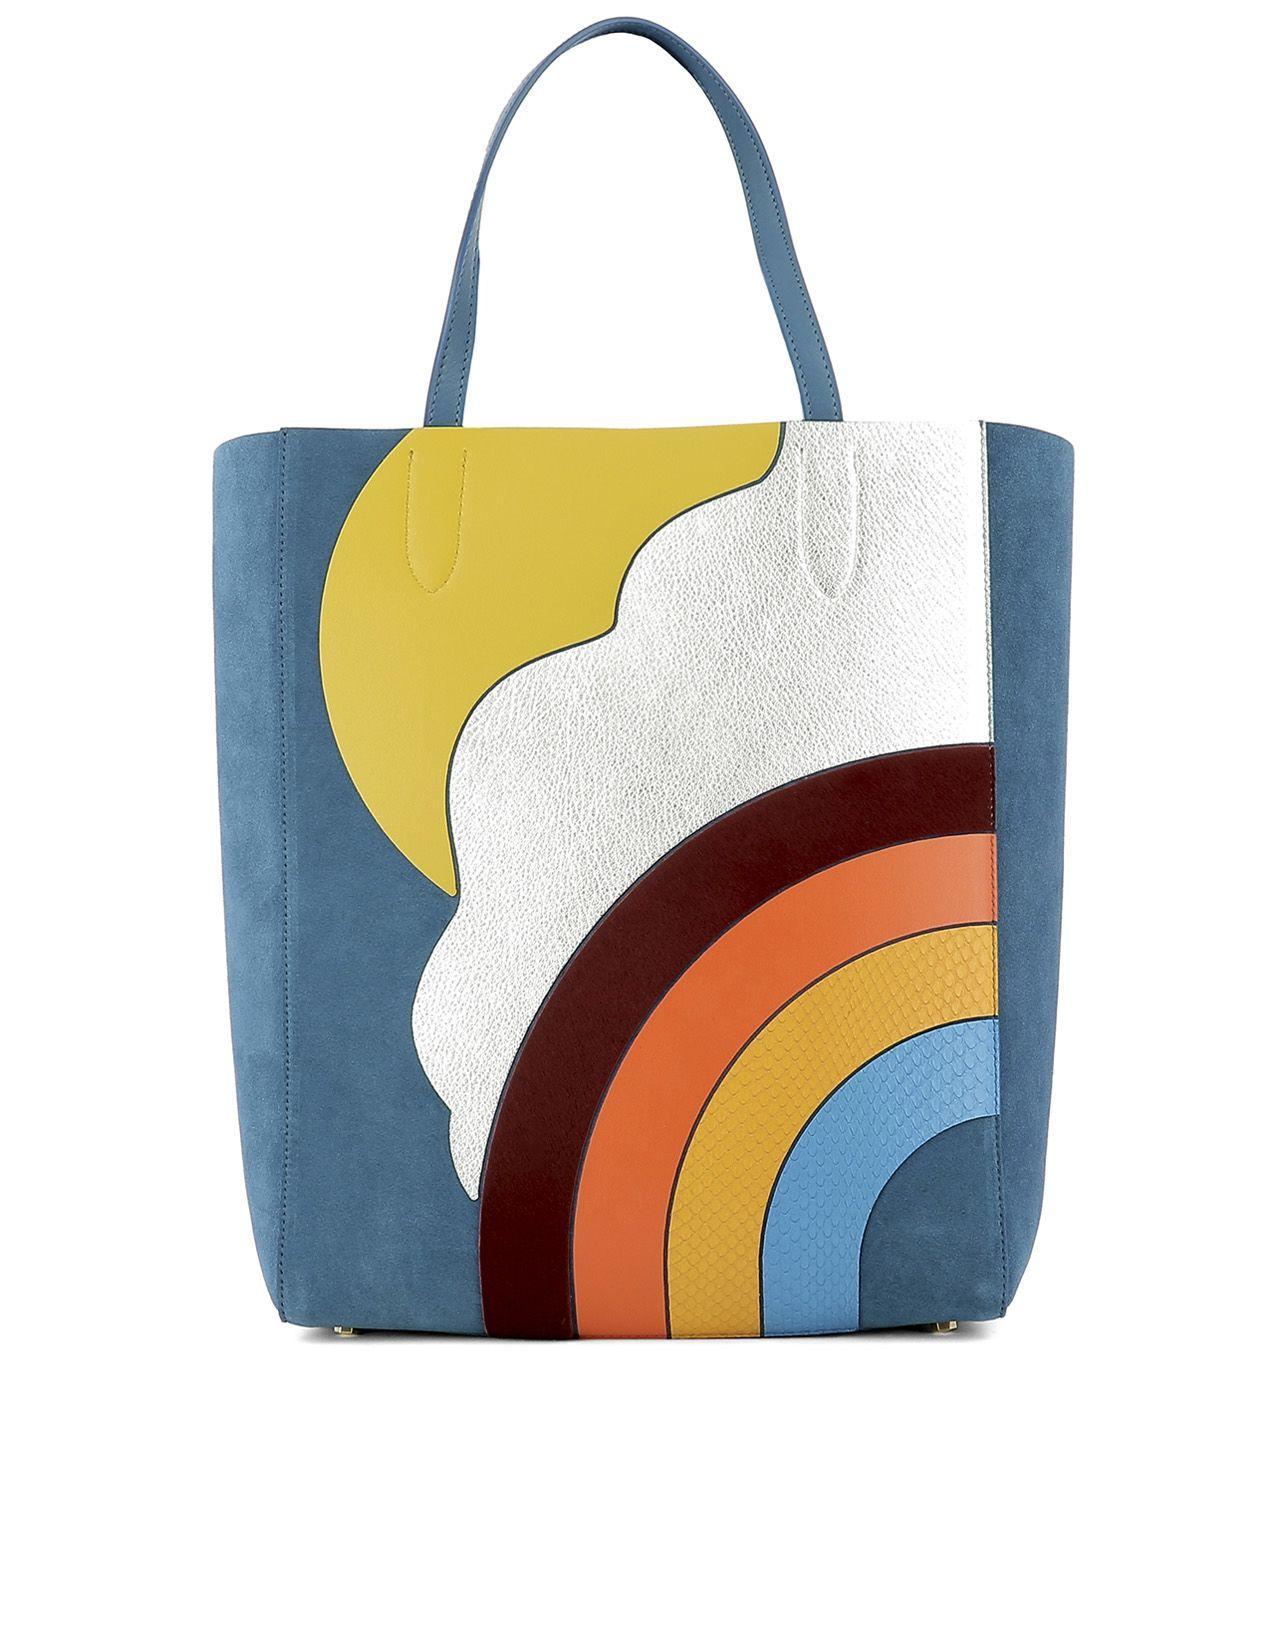 Anya Hindmarch Multicolor Leather Shoulder Bag